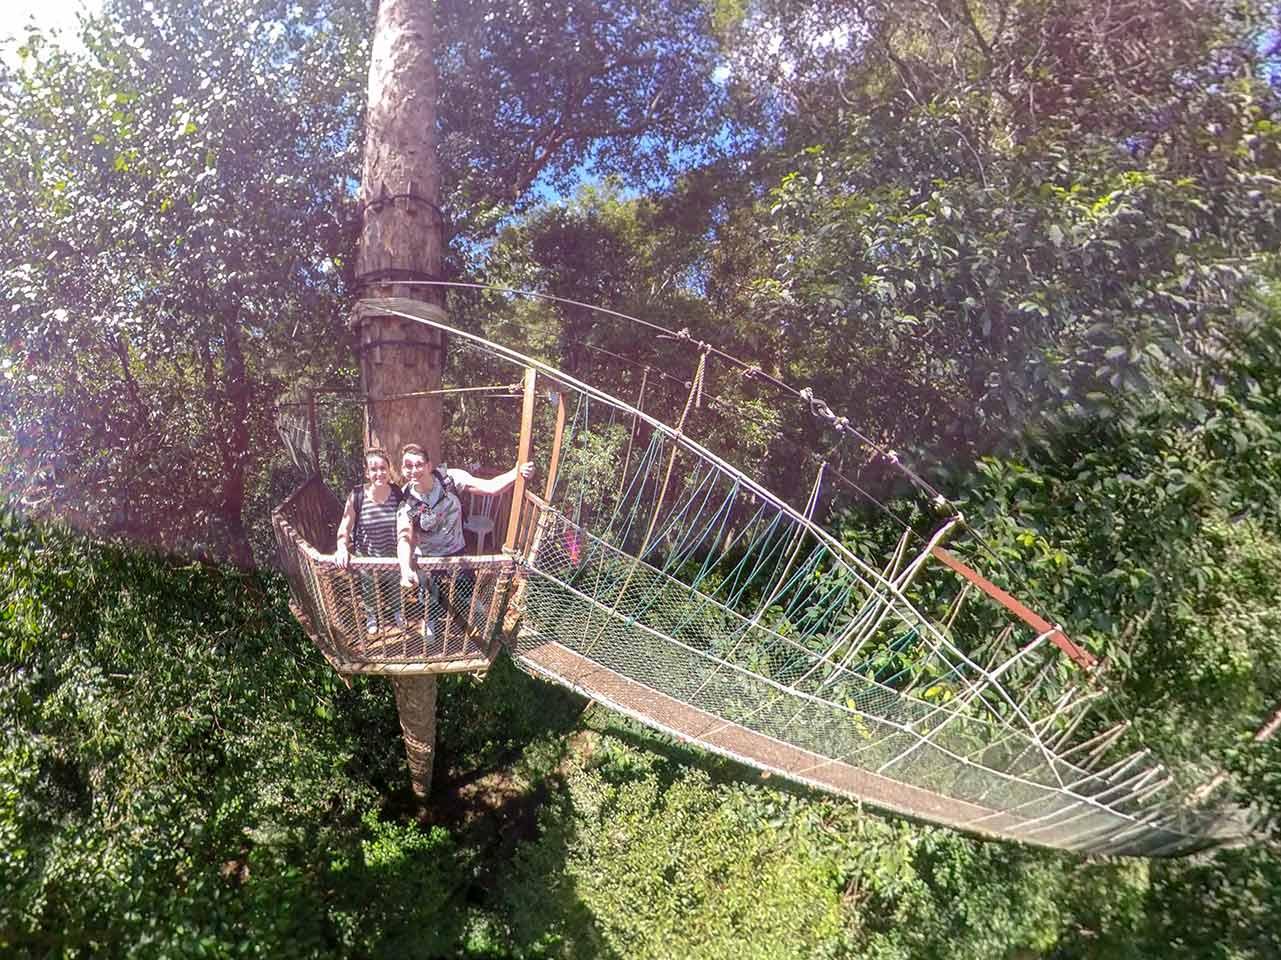 Valentin und Jasmin am Canopy Walk im Taman Negara Nationalpark